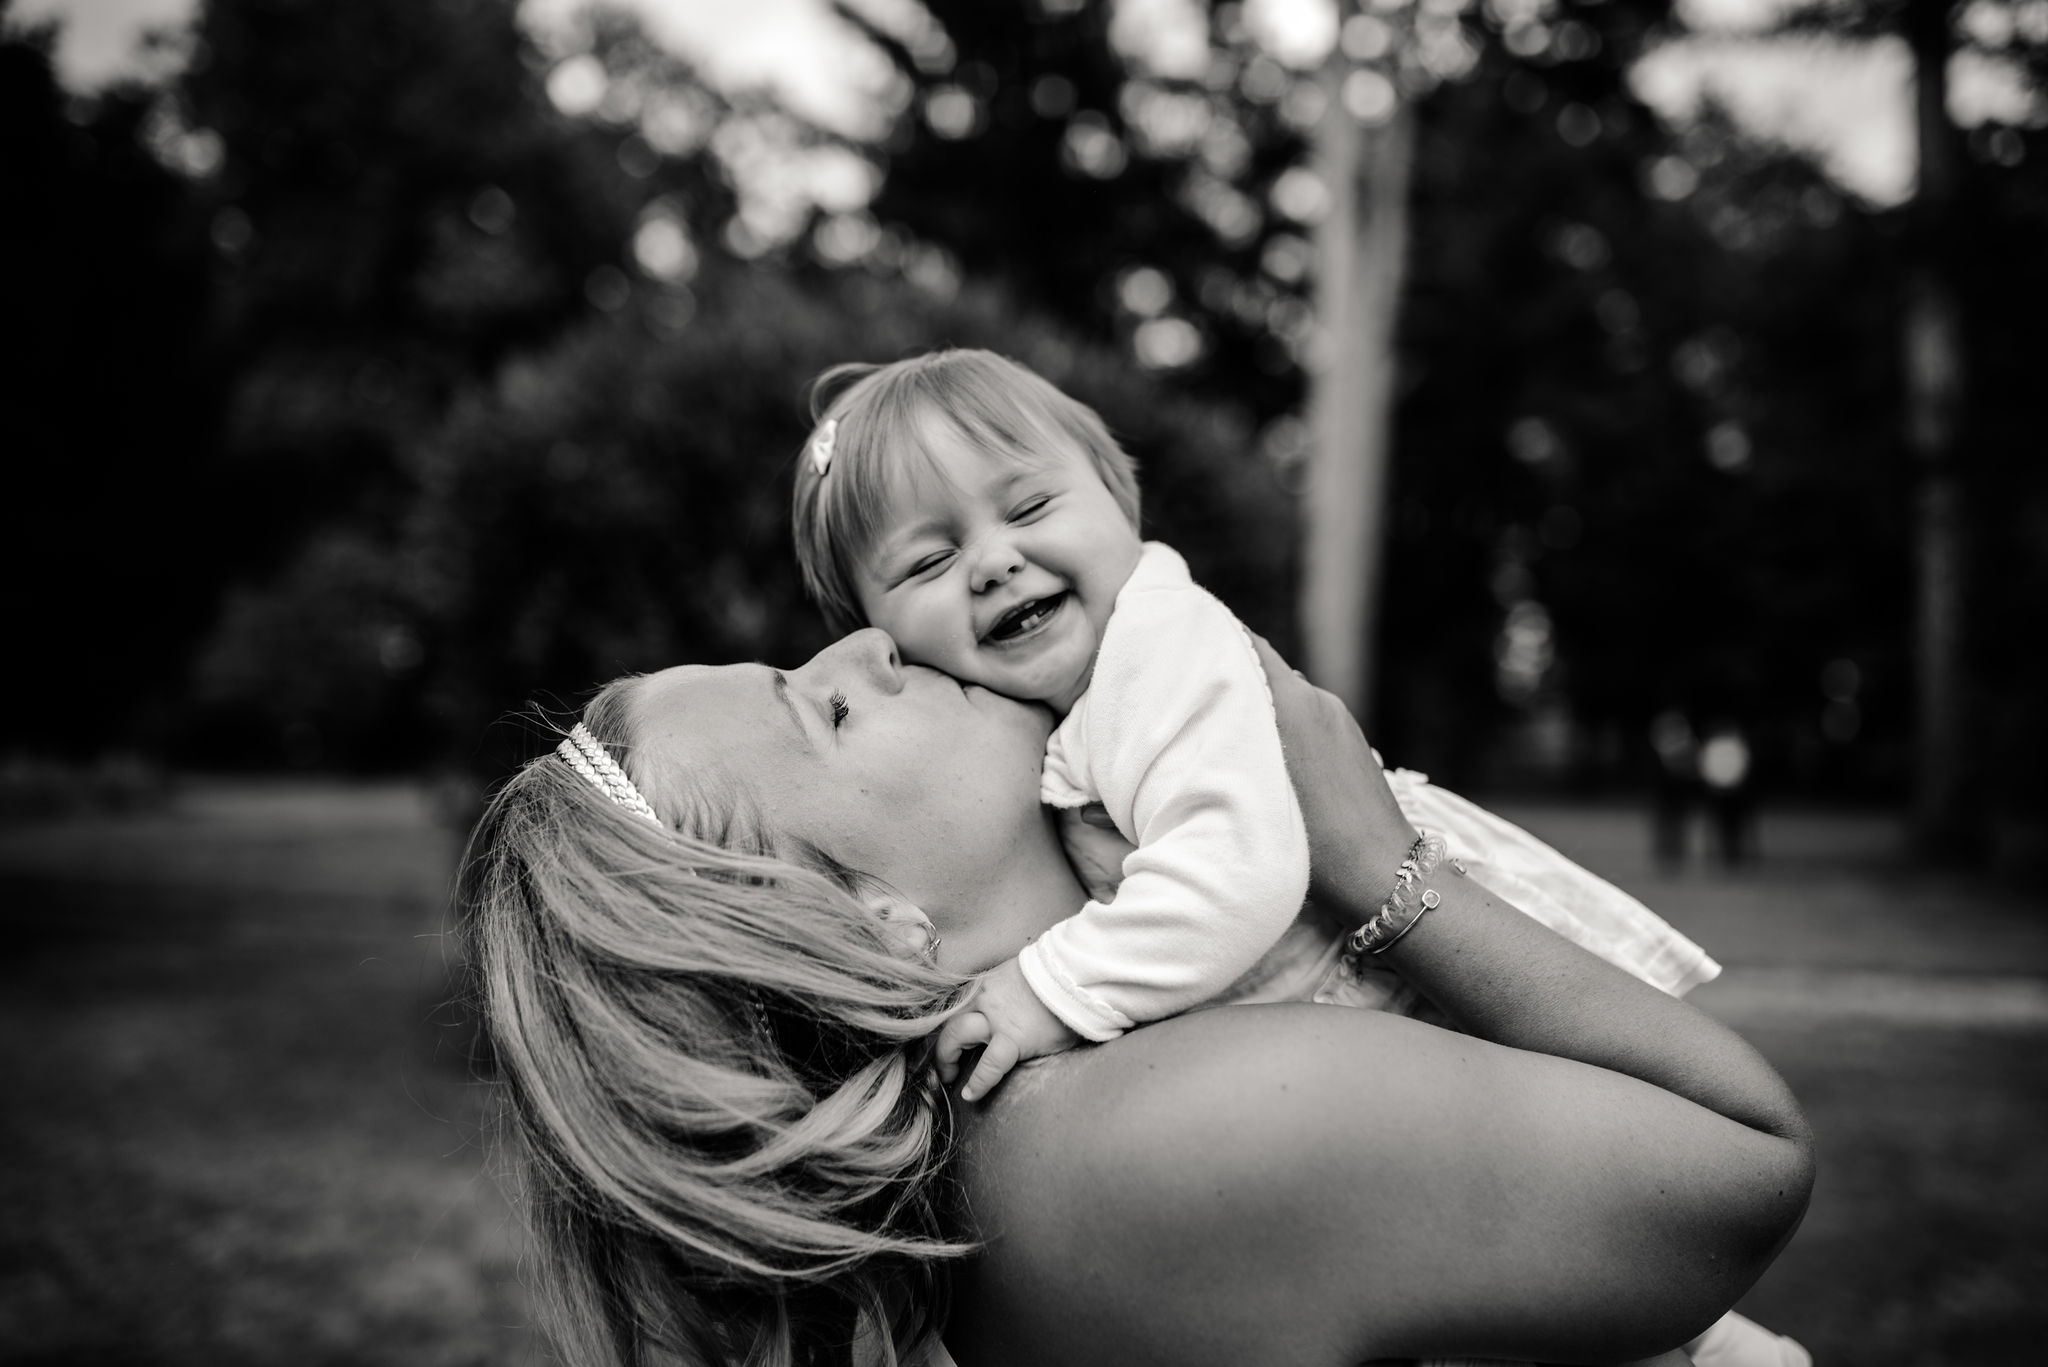 Léa-Fery-photographe-professionnel-lyon-rhone-alpes-portrait-creation-mariage-evenement-evenementiel-famille-5816.jpg